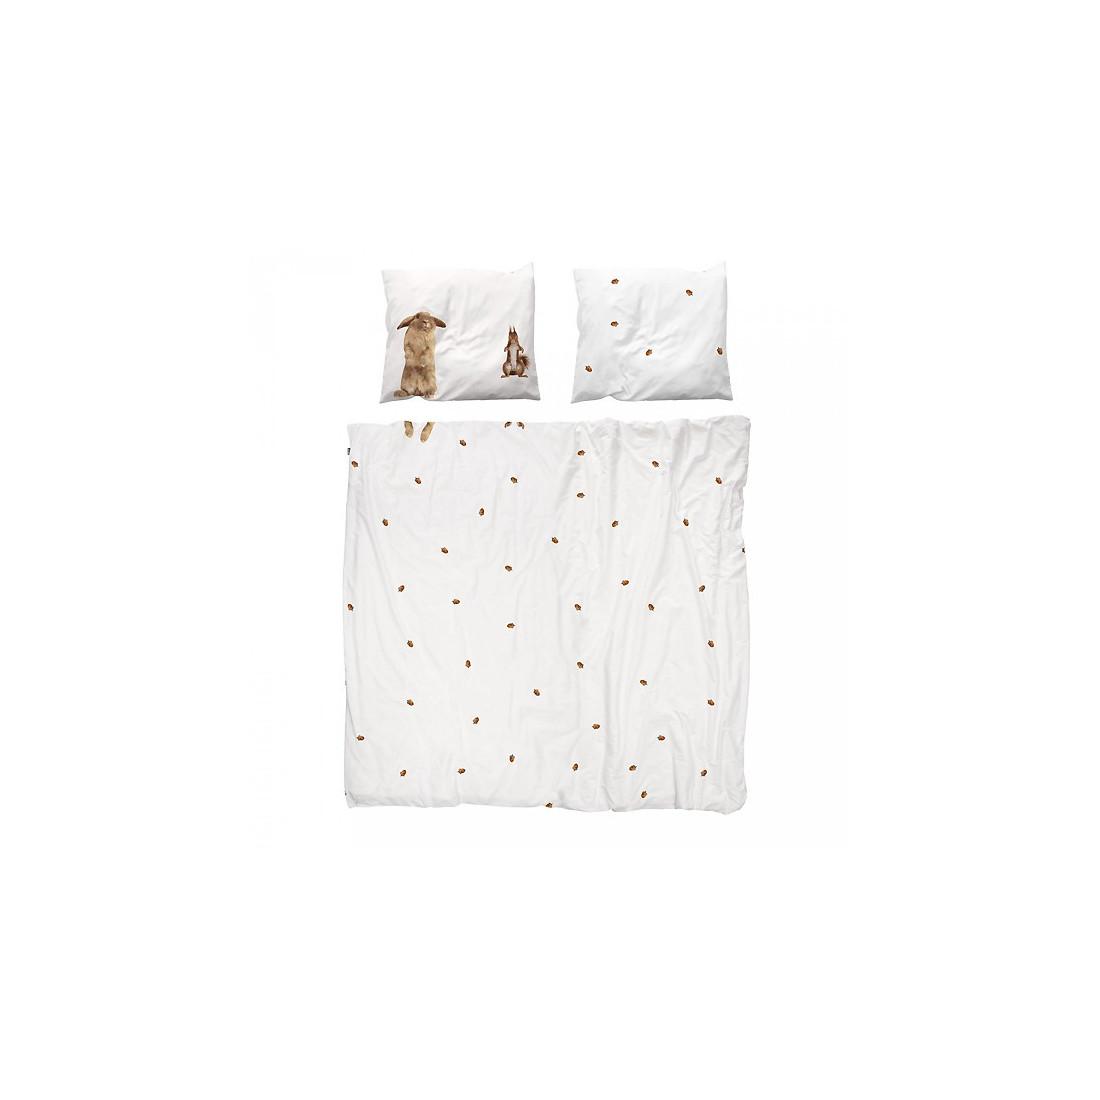 housse de couette enfant ecureuil et lapin snurk ma chambramoi. Black Bedroom Furniture Sets. Home Design Ideas